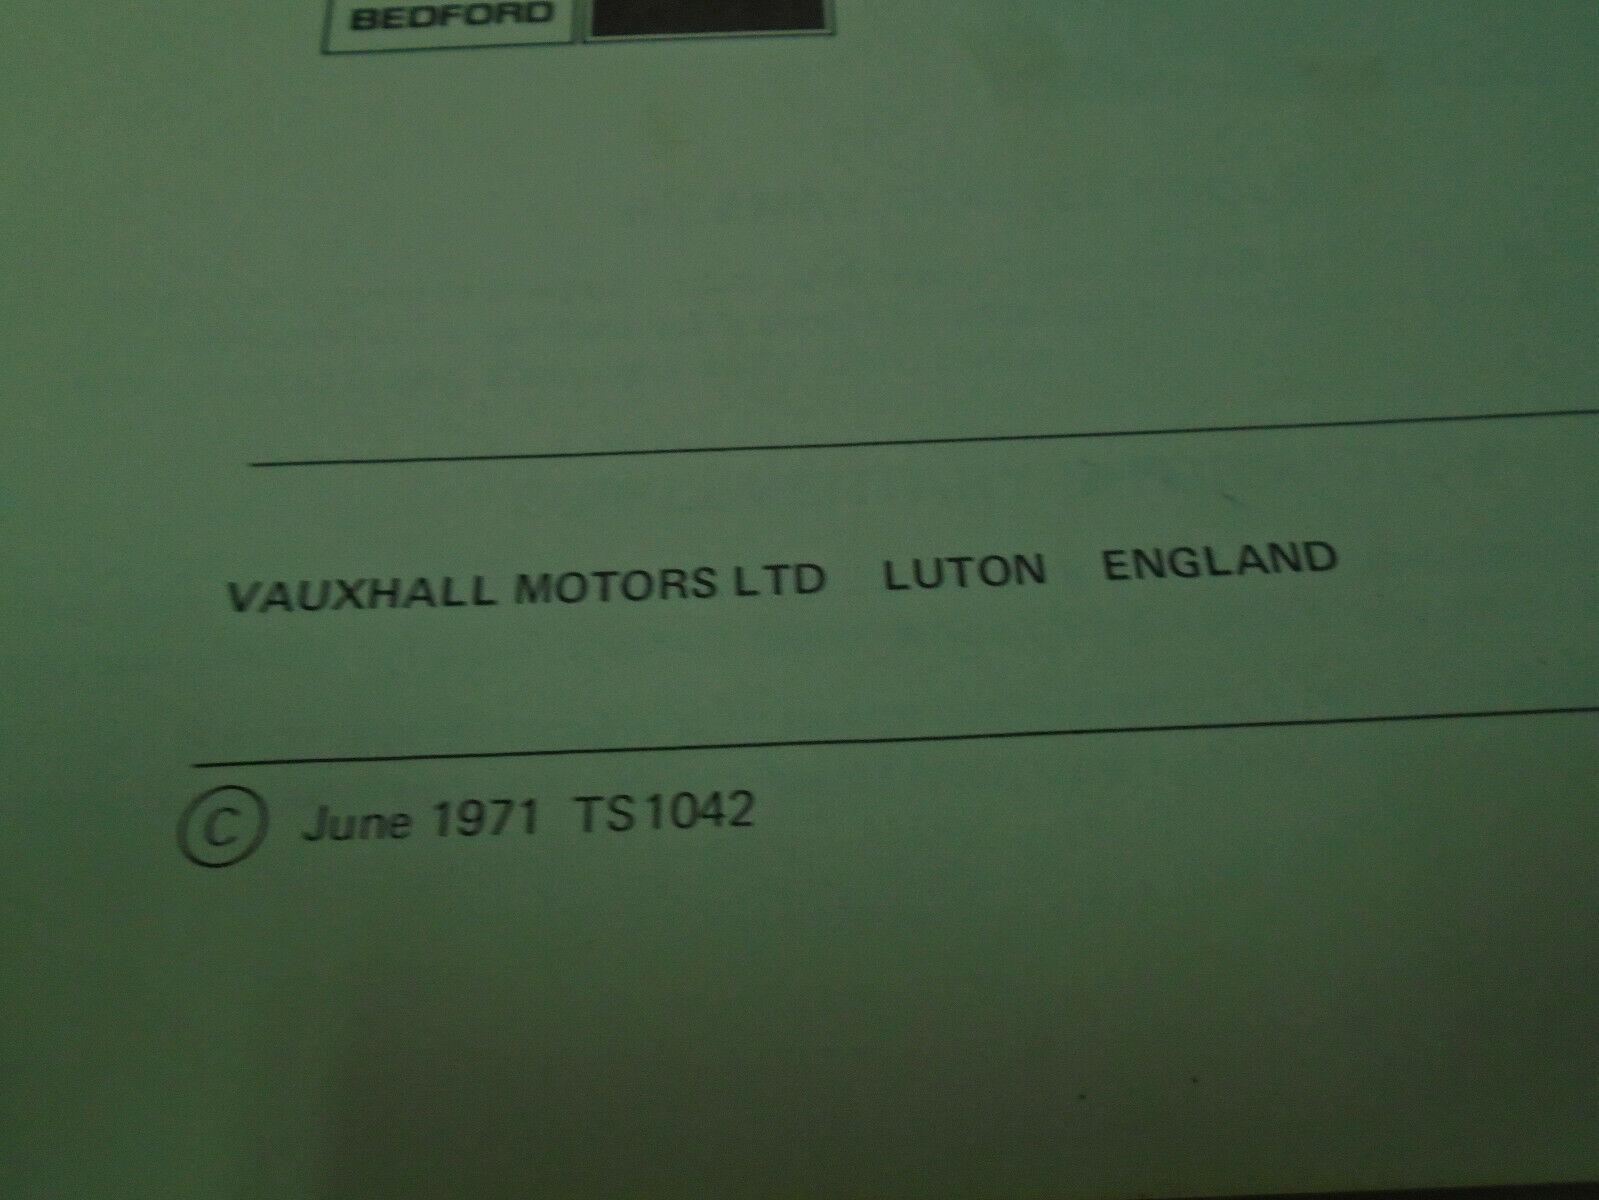 1971 GM 381 & 466 cu In Diesel Engine Clutch Service Repair Shop Training Manual image 3